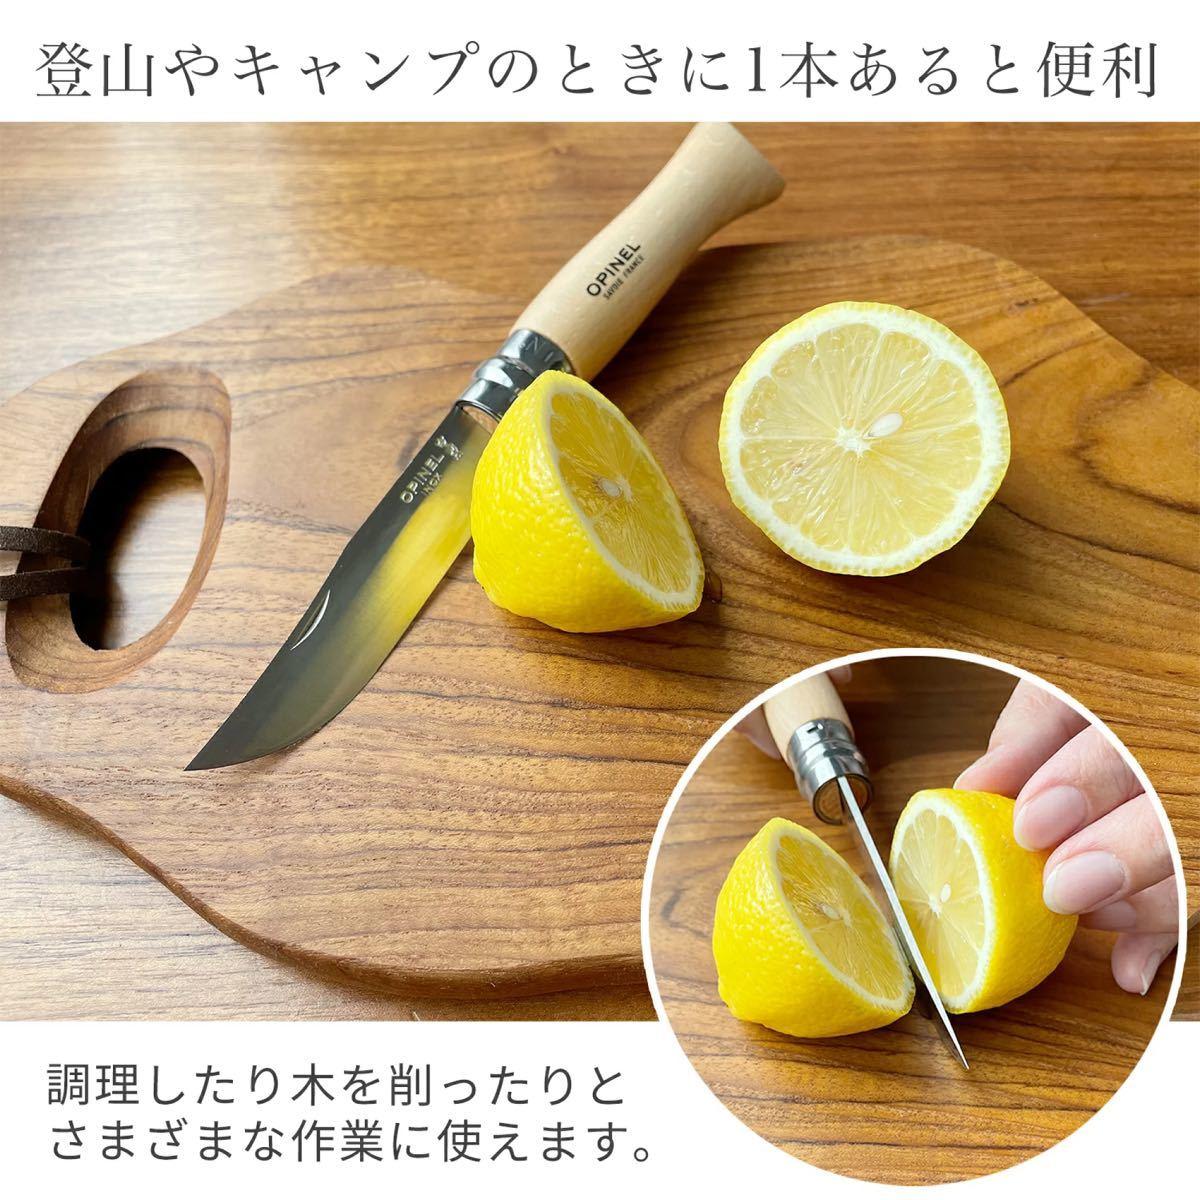 オピネルナイフ #8 8.5cm  新品 ソロキャンプに オススメ OPINEL ナイフ